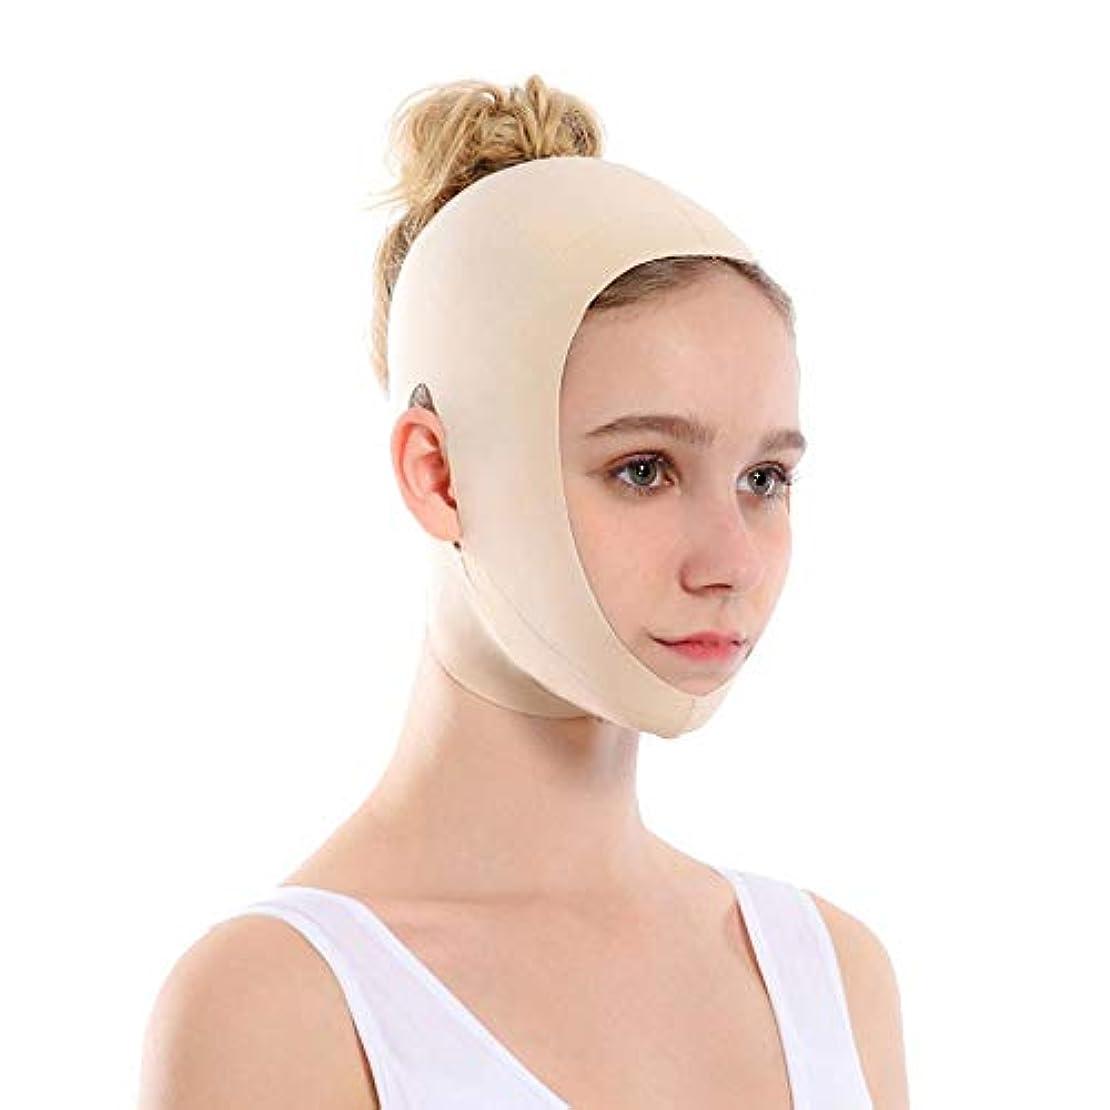 アイスクリーム注入インセンティブ飛強強 顔を持ち上げるアーティファクトVフェイス包帯リフティング引き締め睡眠薄い顔を整形持ち上げる顔を二重あご矯正 - 肌の色 スリムフィット美容ツール